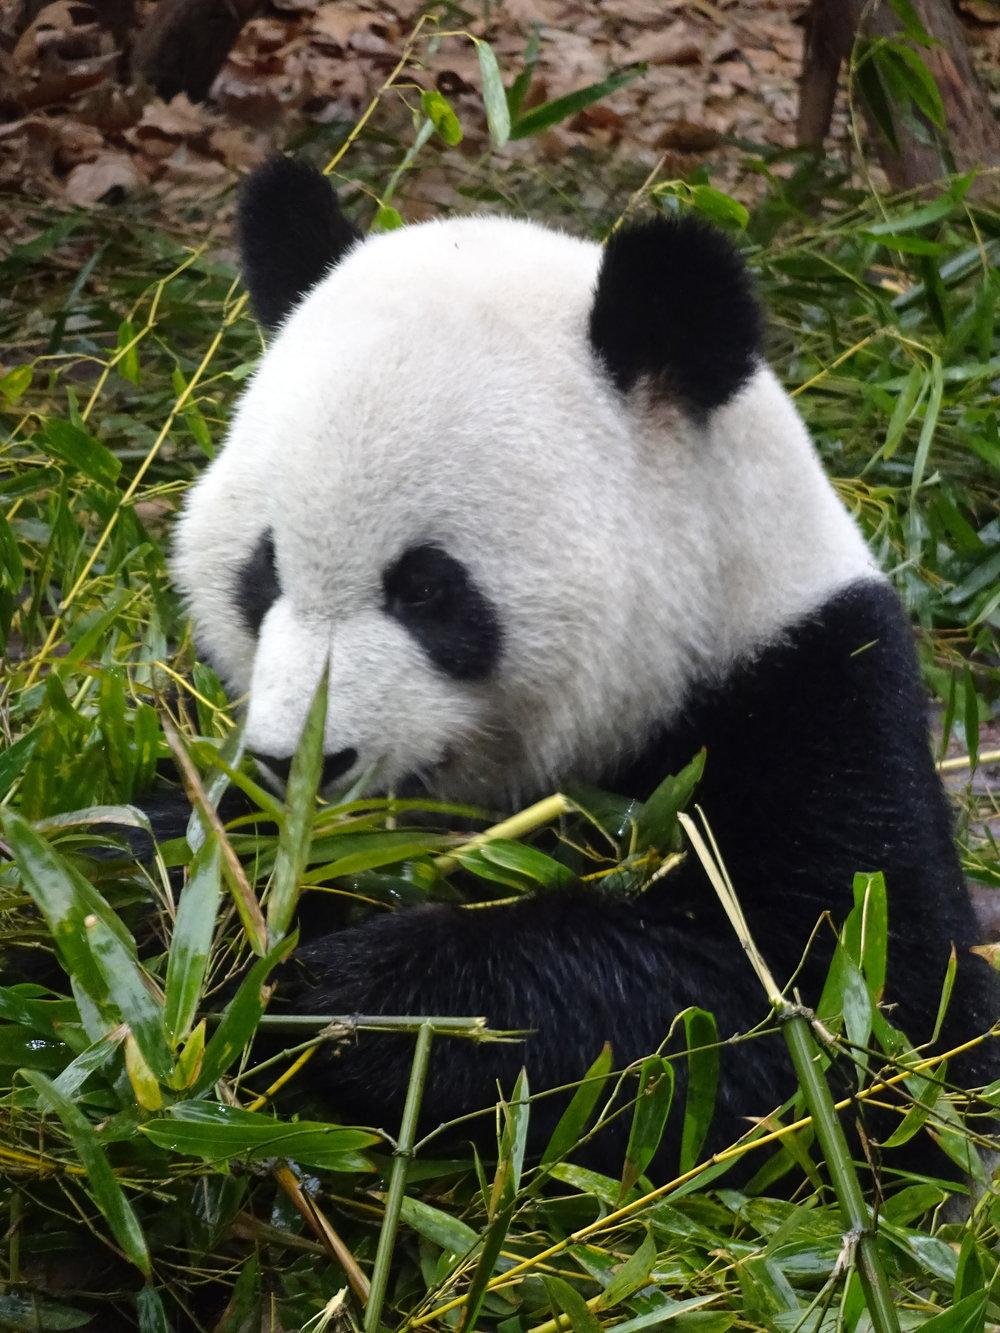 Panda Research Base, Chengdu, China